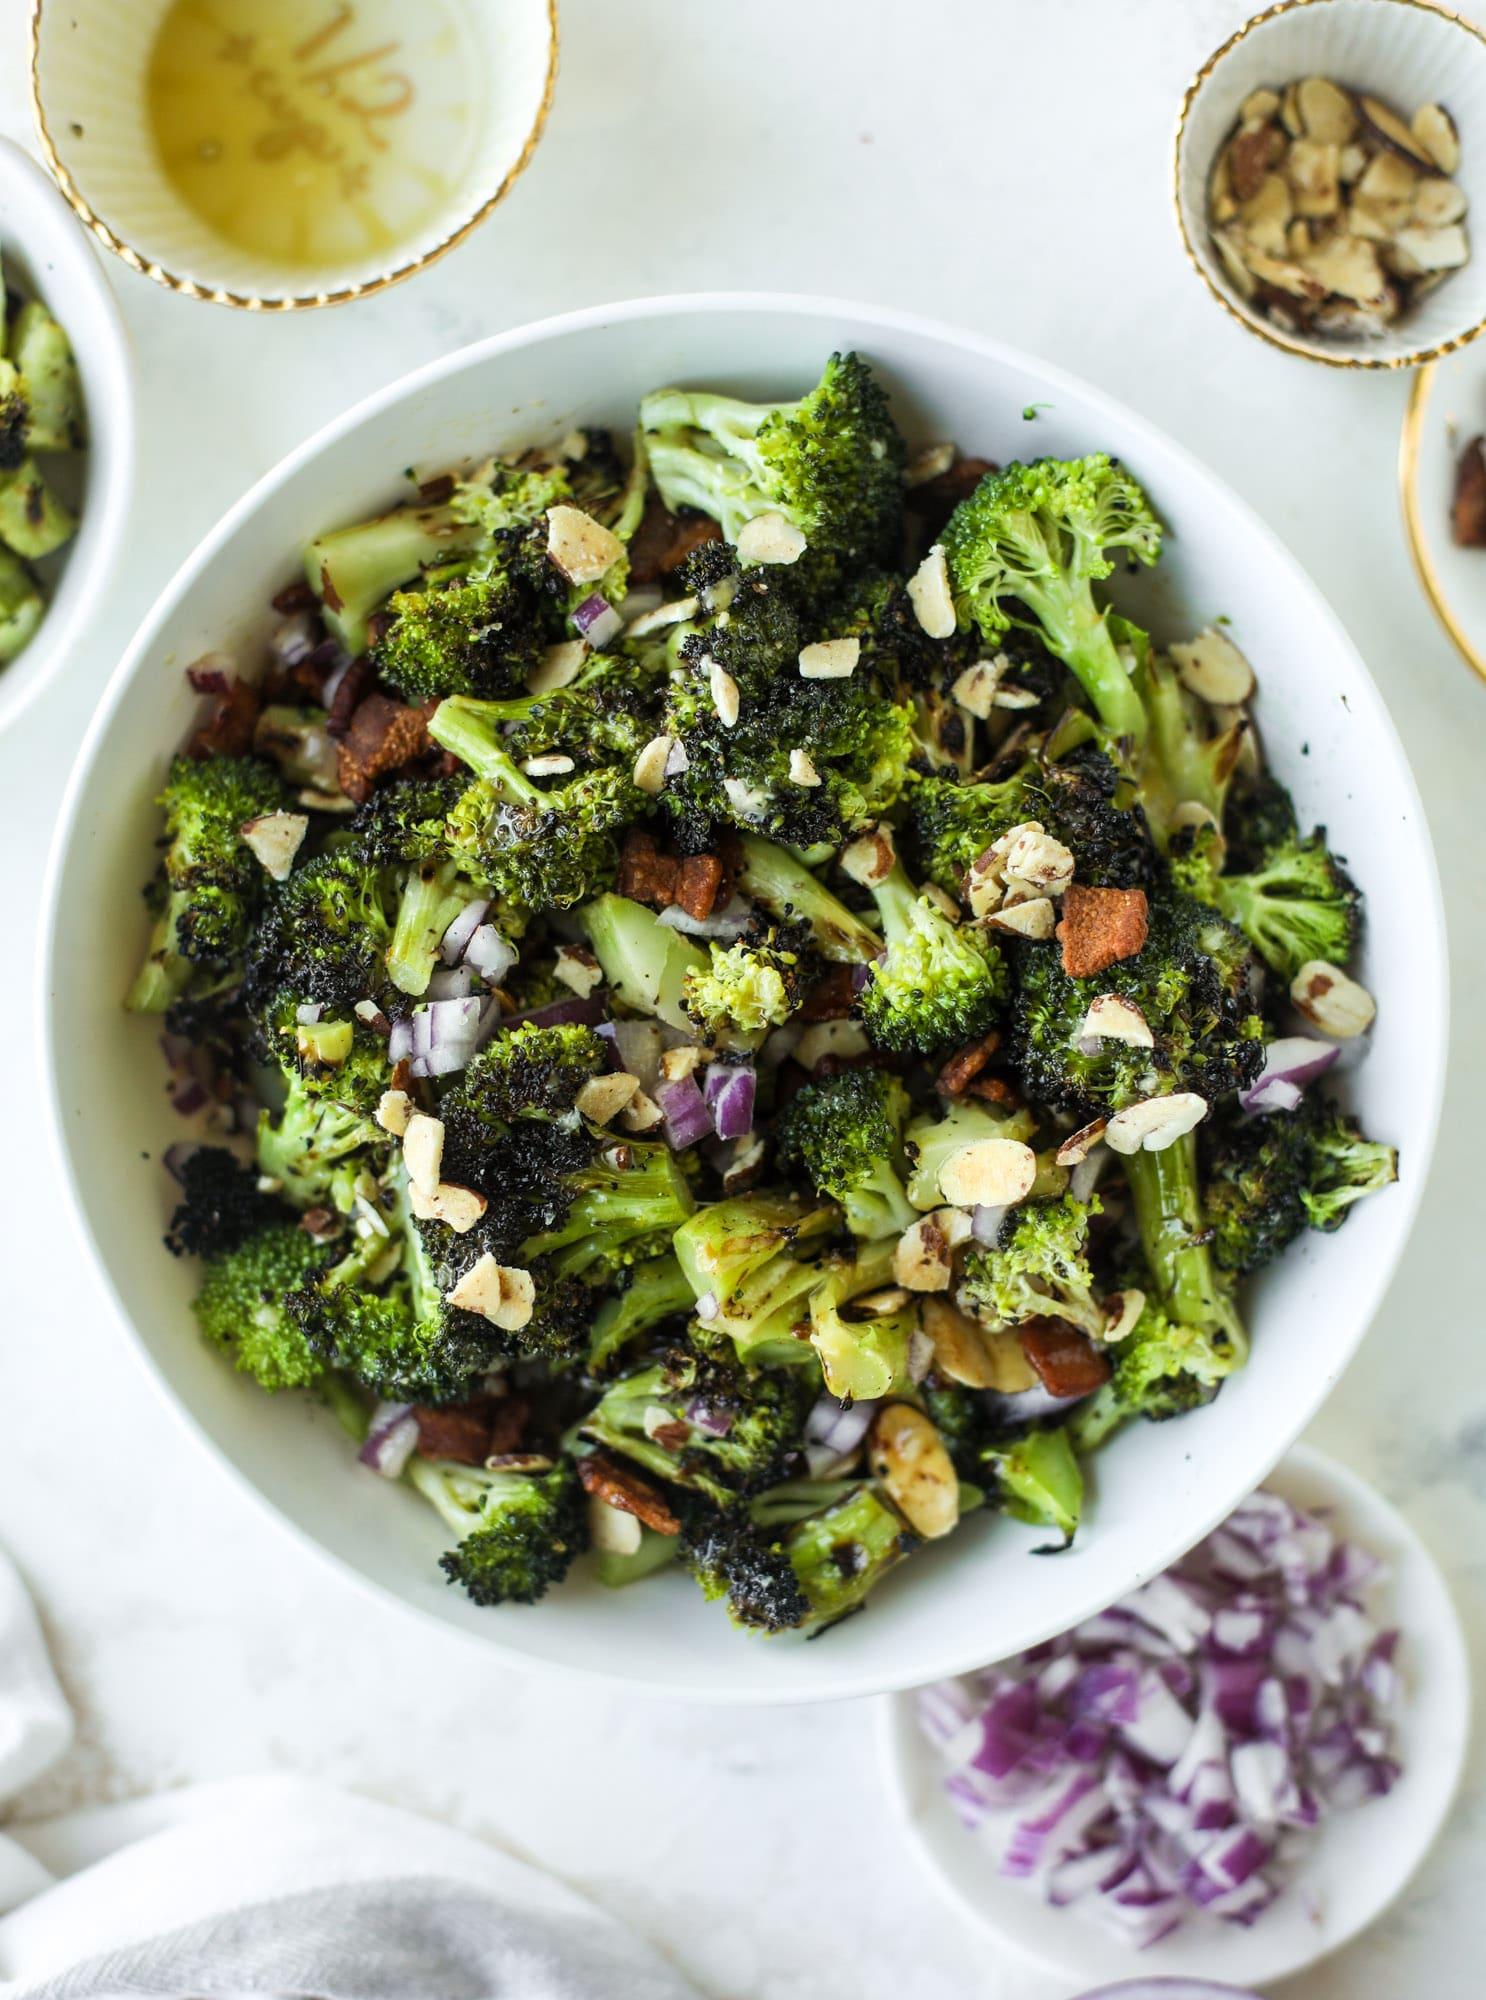 grilled broccoli crunch salad